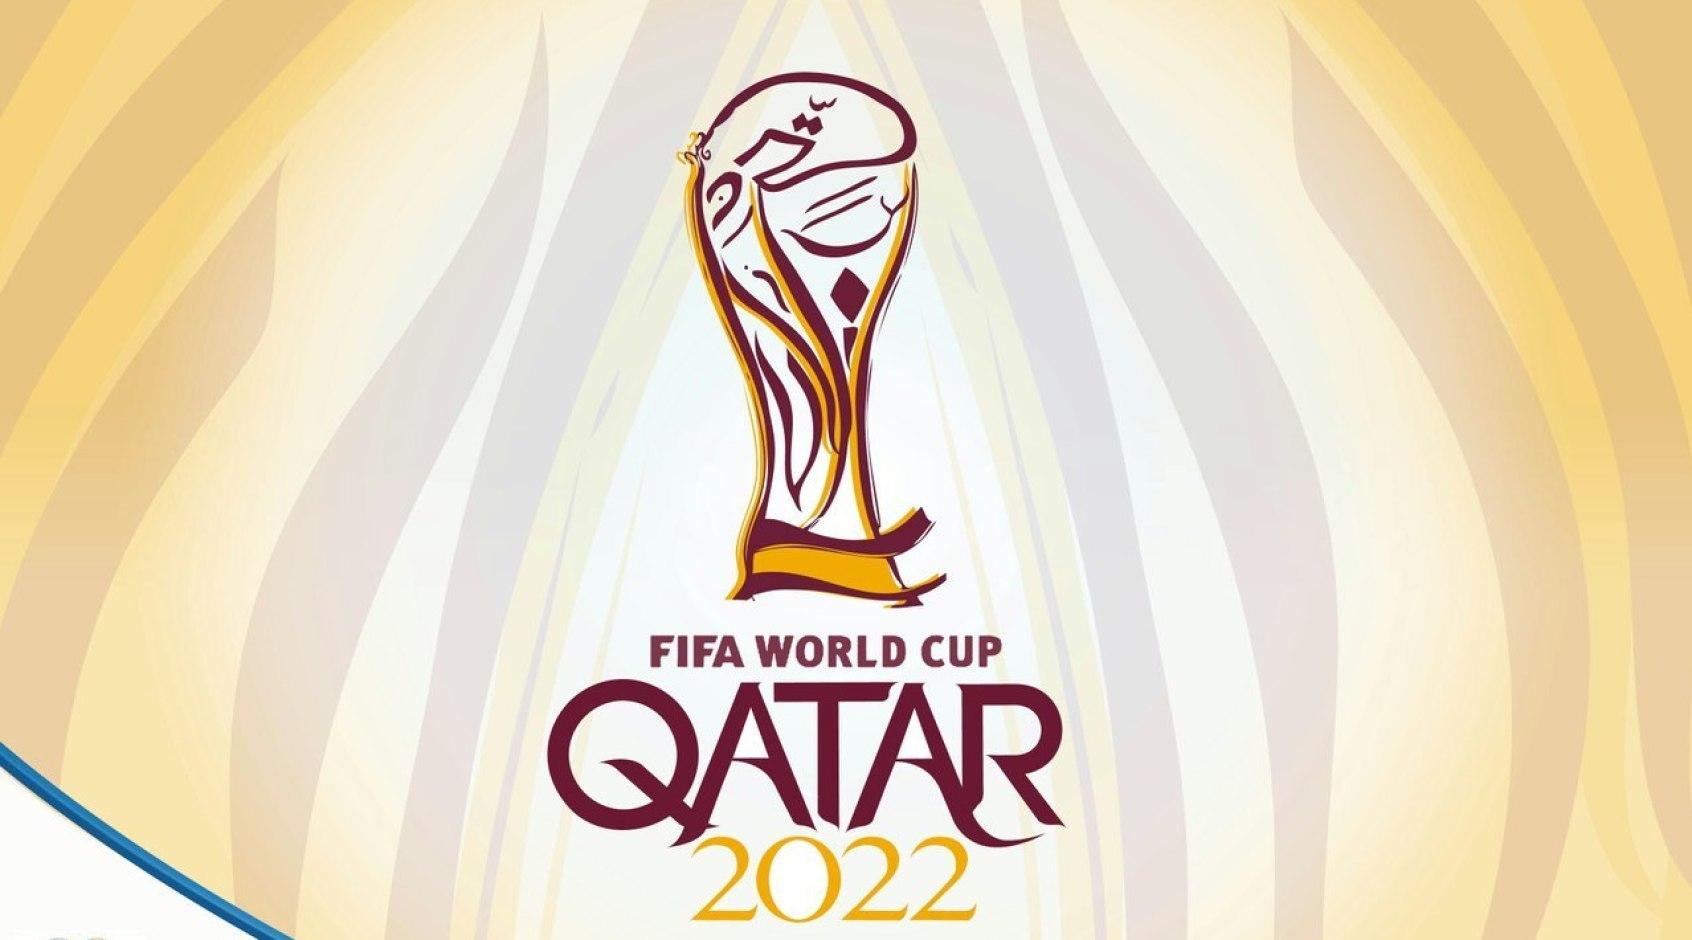 Официально: ЧМ-2022 в Катаре стартует 21 ноября